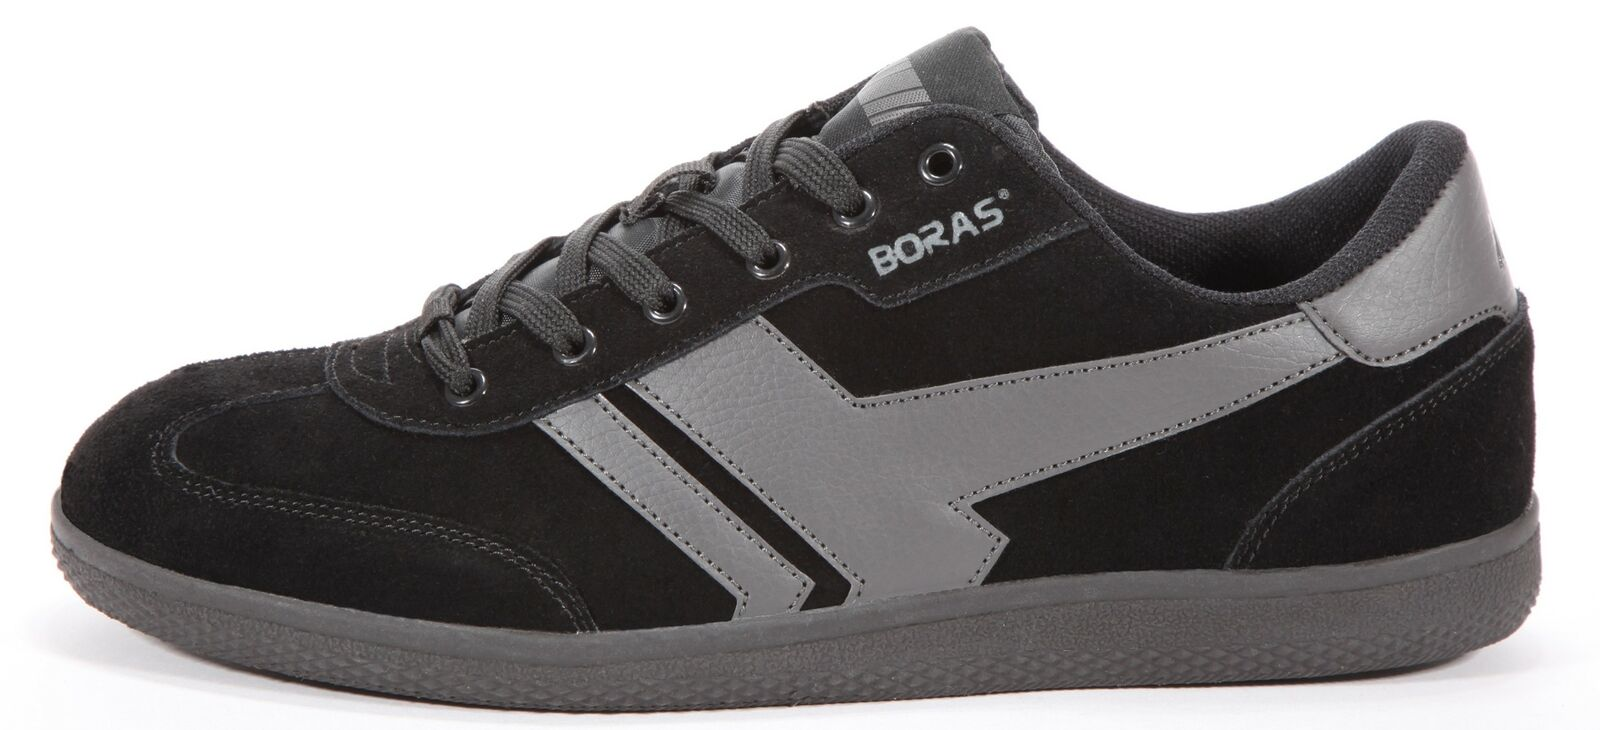 Boras Retro Sports Turnschuhe auch in Übergrößen  Socca  schwarz graphite 3541-1438